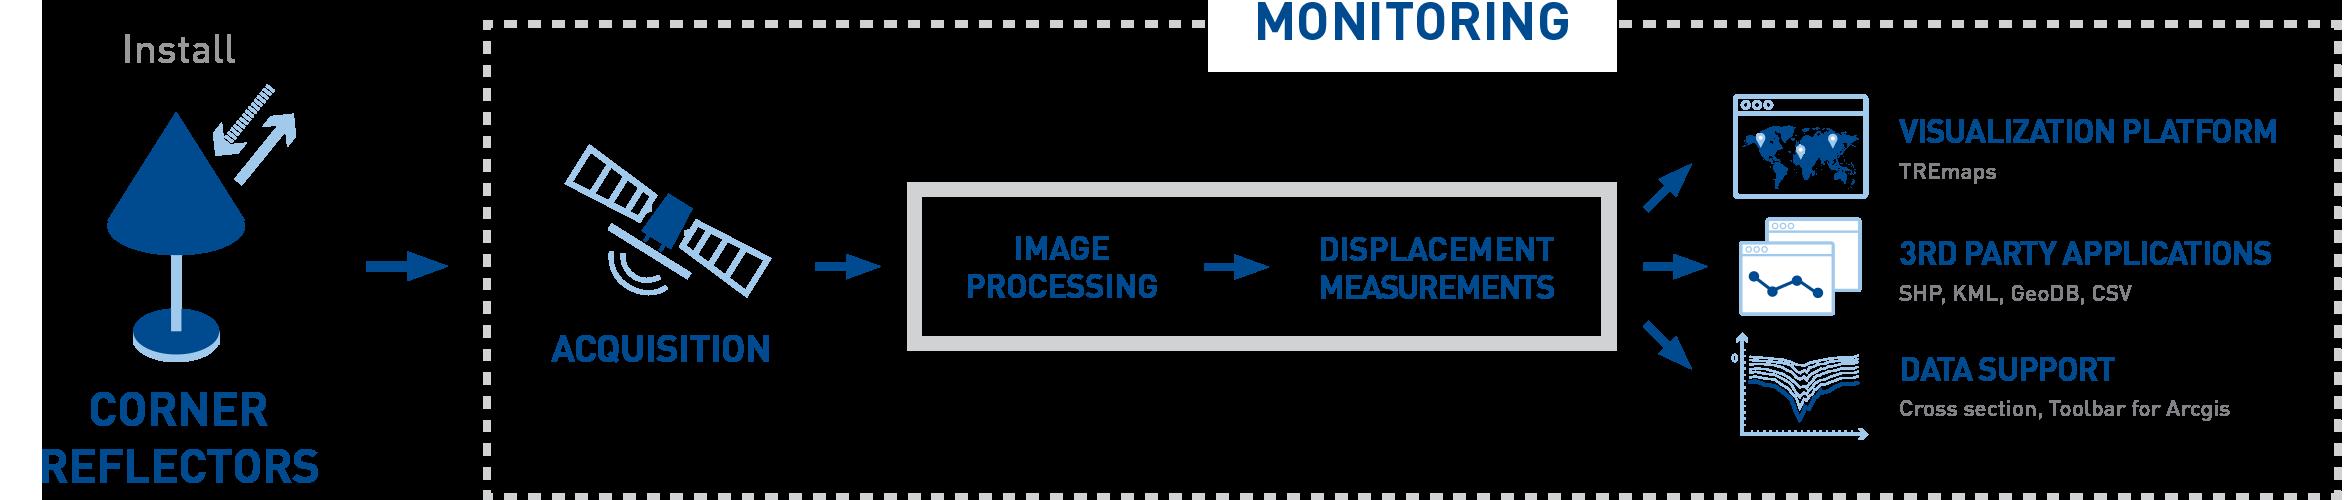 Corner reflectors diagram